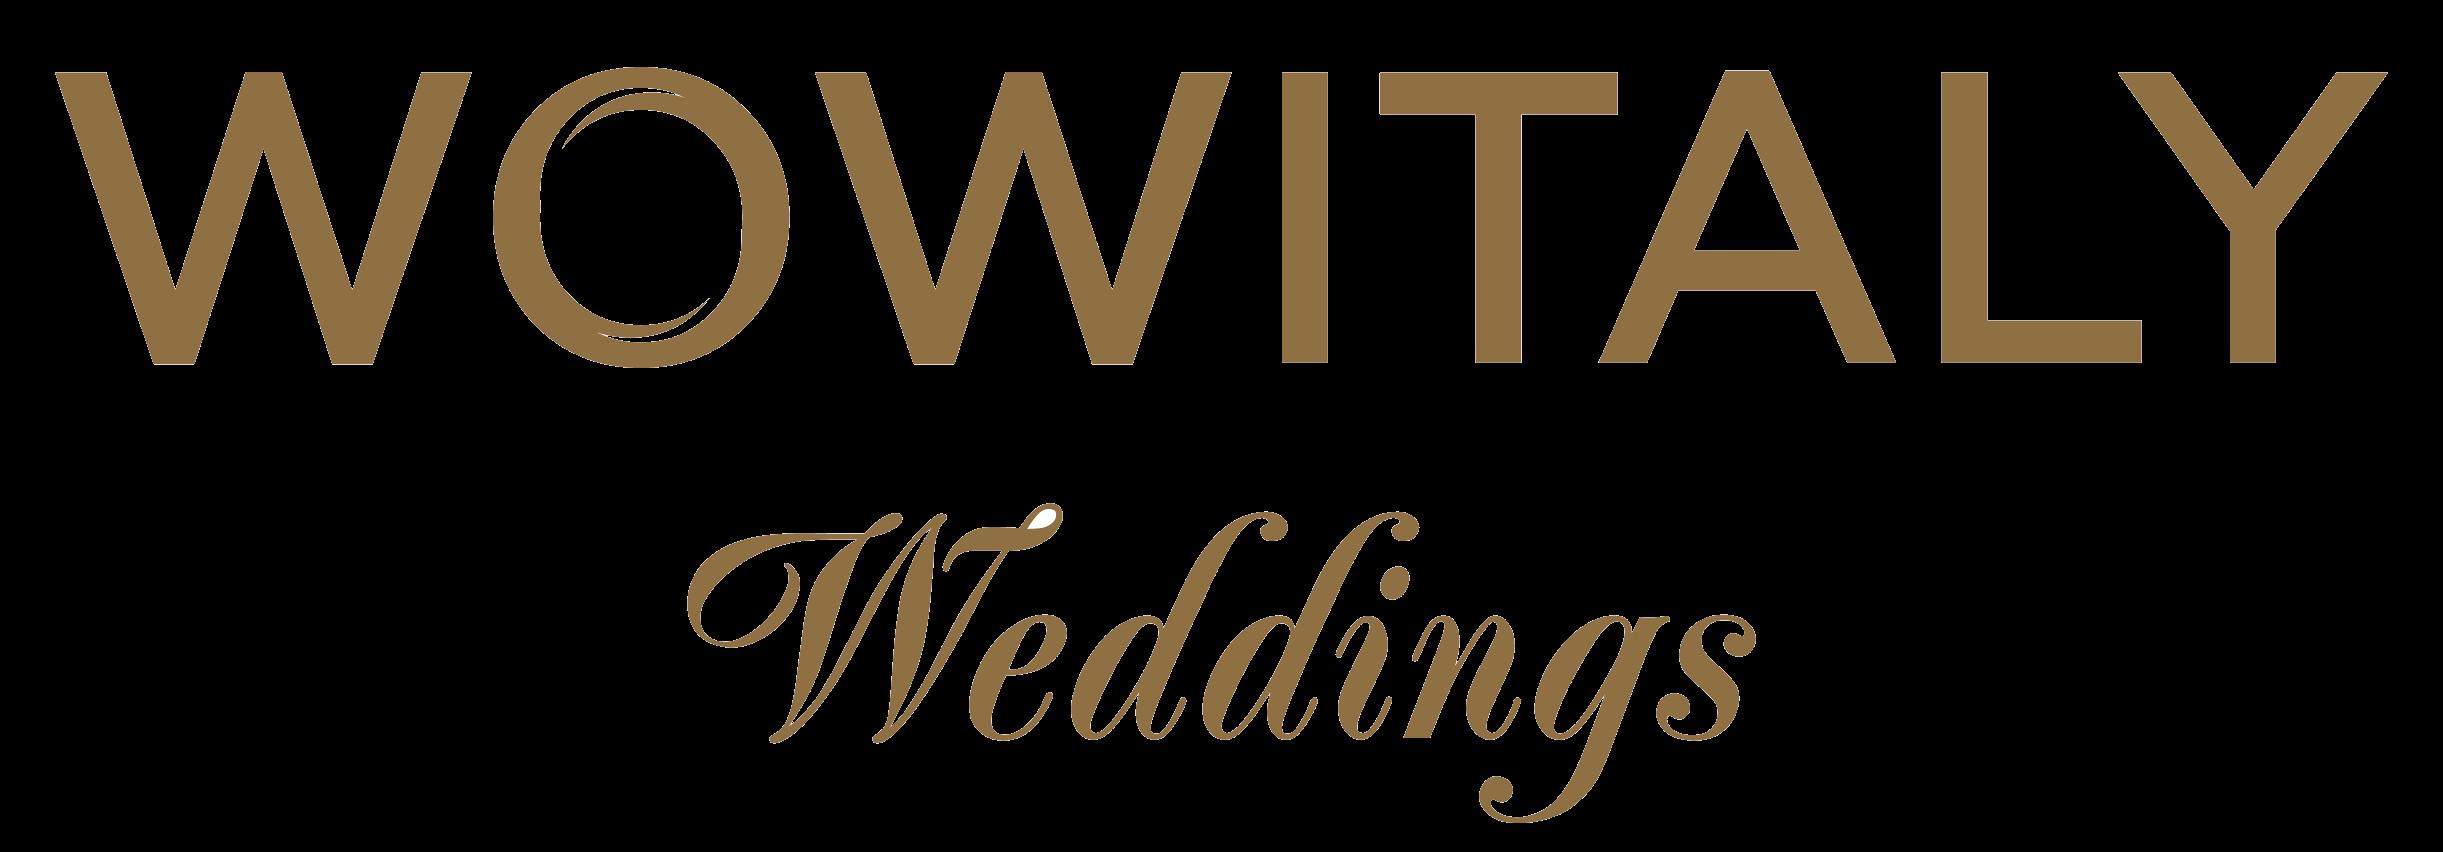 WowItaly Weddings